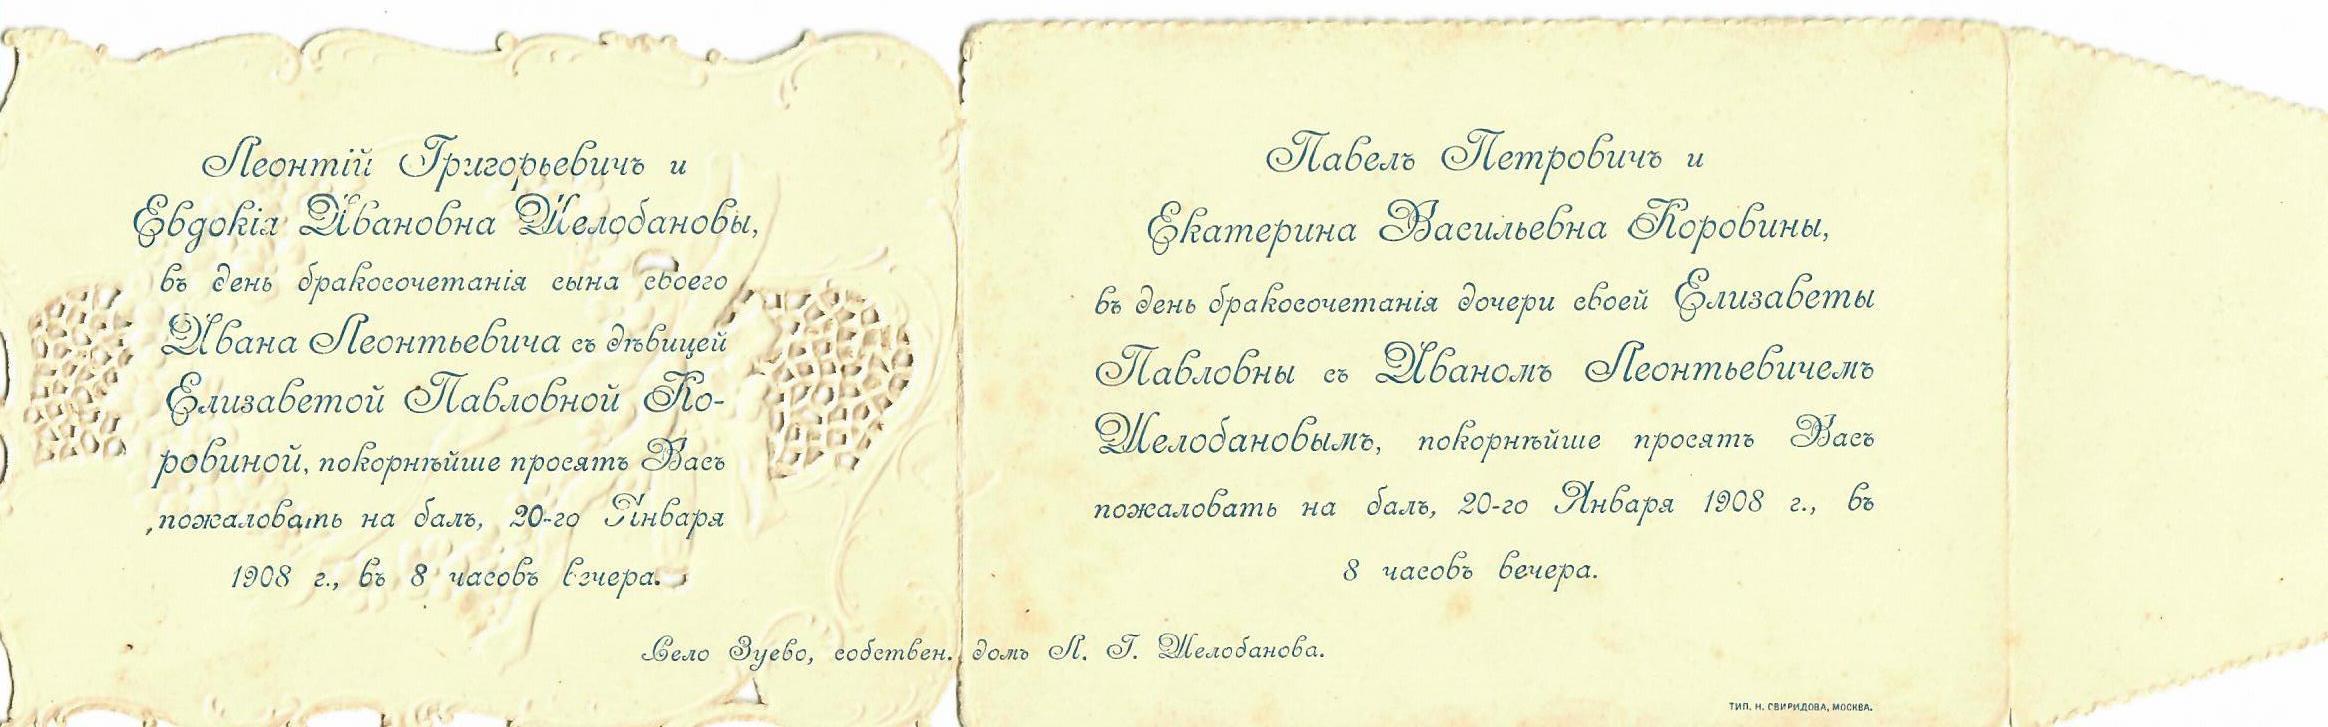 1908. Приглашение на свадьбу Ивана Леонтьевича Желобанова и Елизаветы Павловны Коровиной, состоявшуюся 20 января в селе Зуево